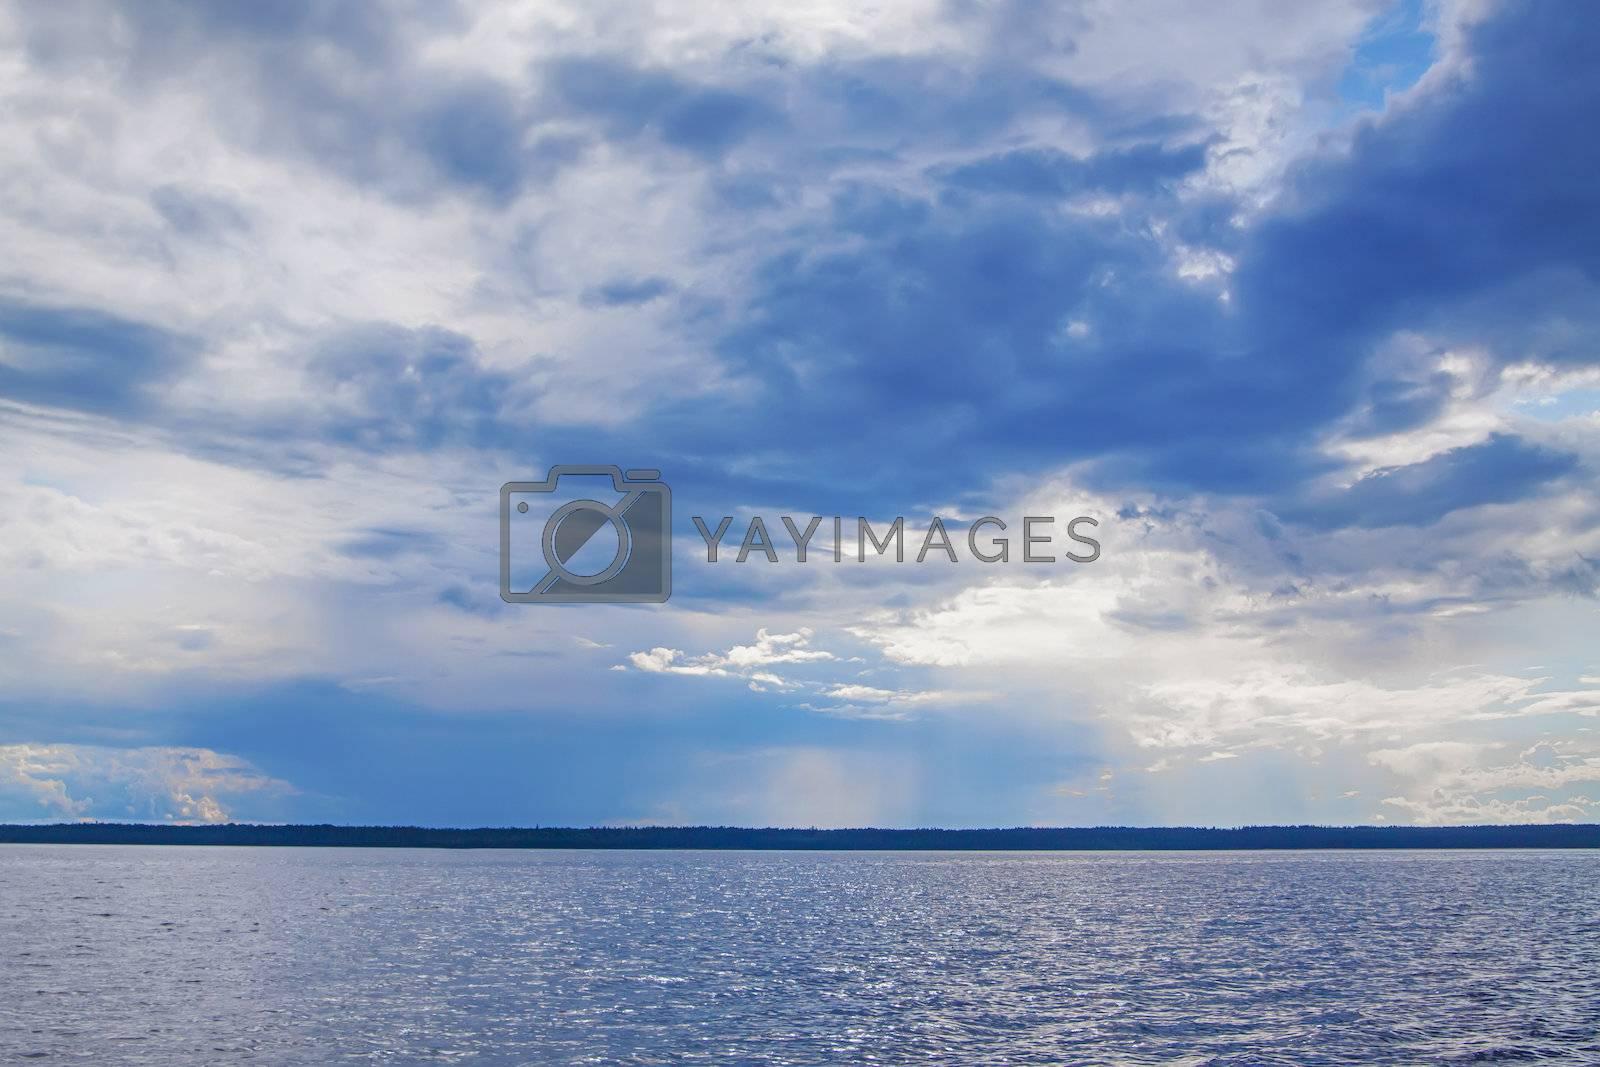 Royalty free image of Ladoga lake by Edoma